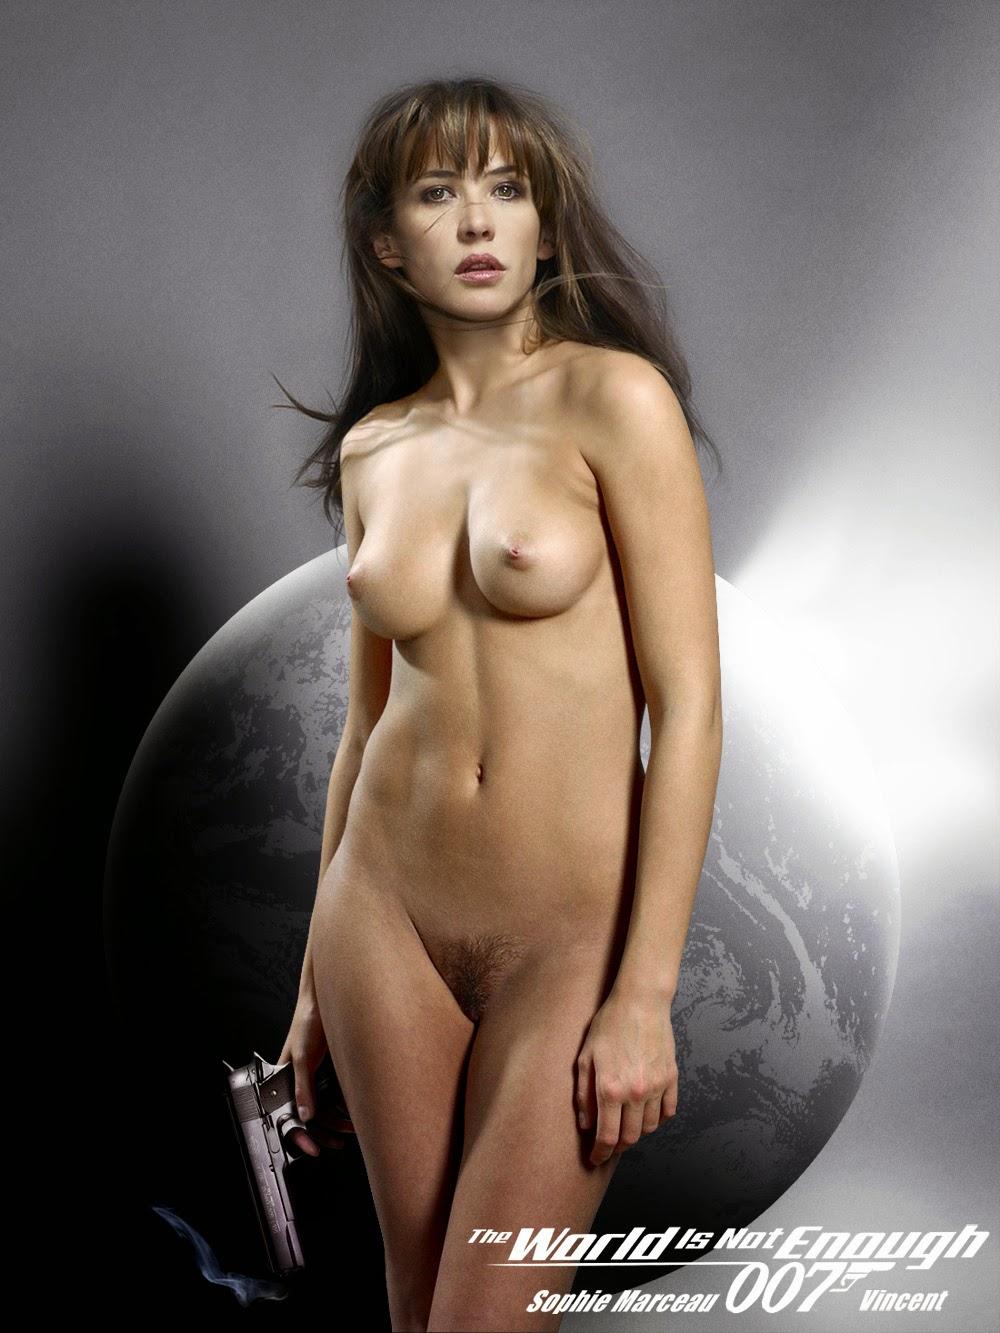 Софи лоу фото порно 12 фотография